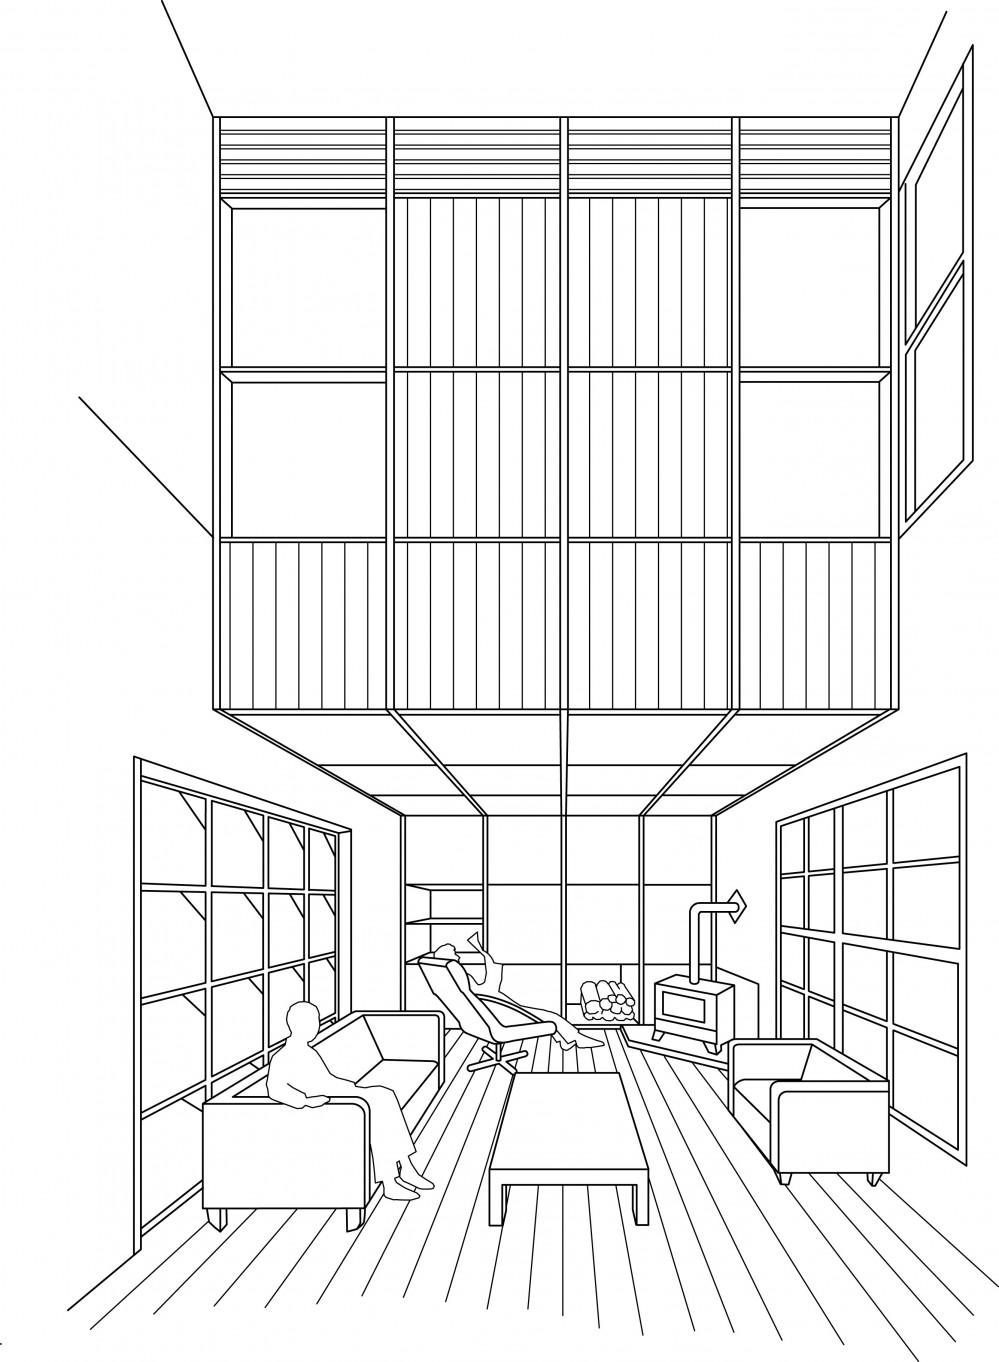 別荘感覚で創ろう Fireplace relaxation Chiba (別荘感覚で創ろう Fireplace relaxation Chiba 収納と薪ストーブ)